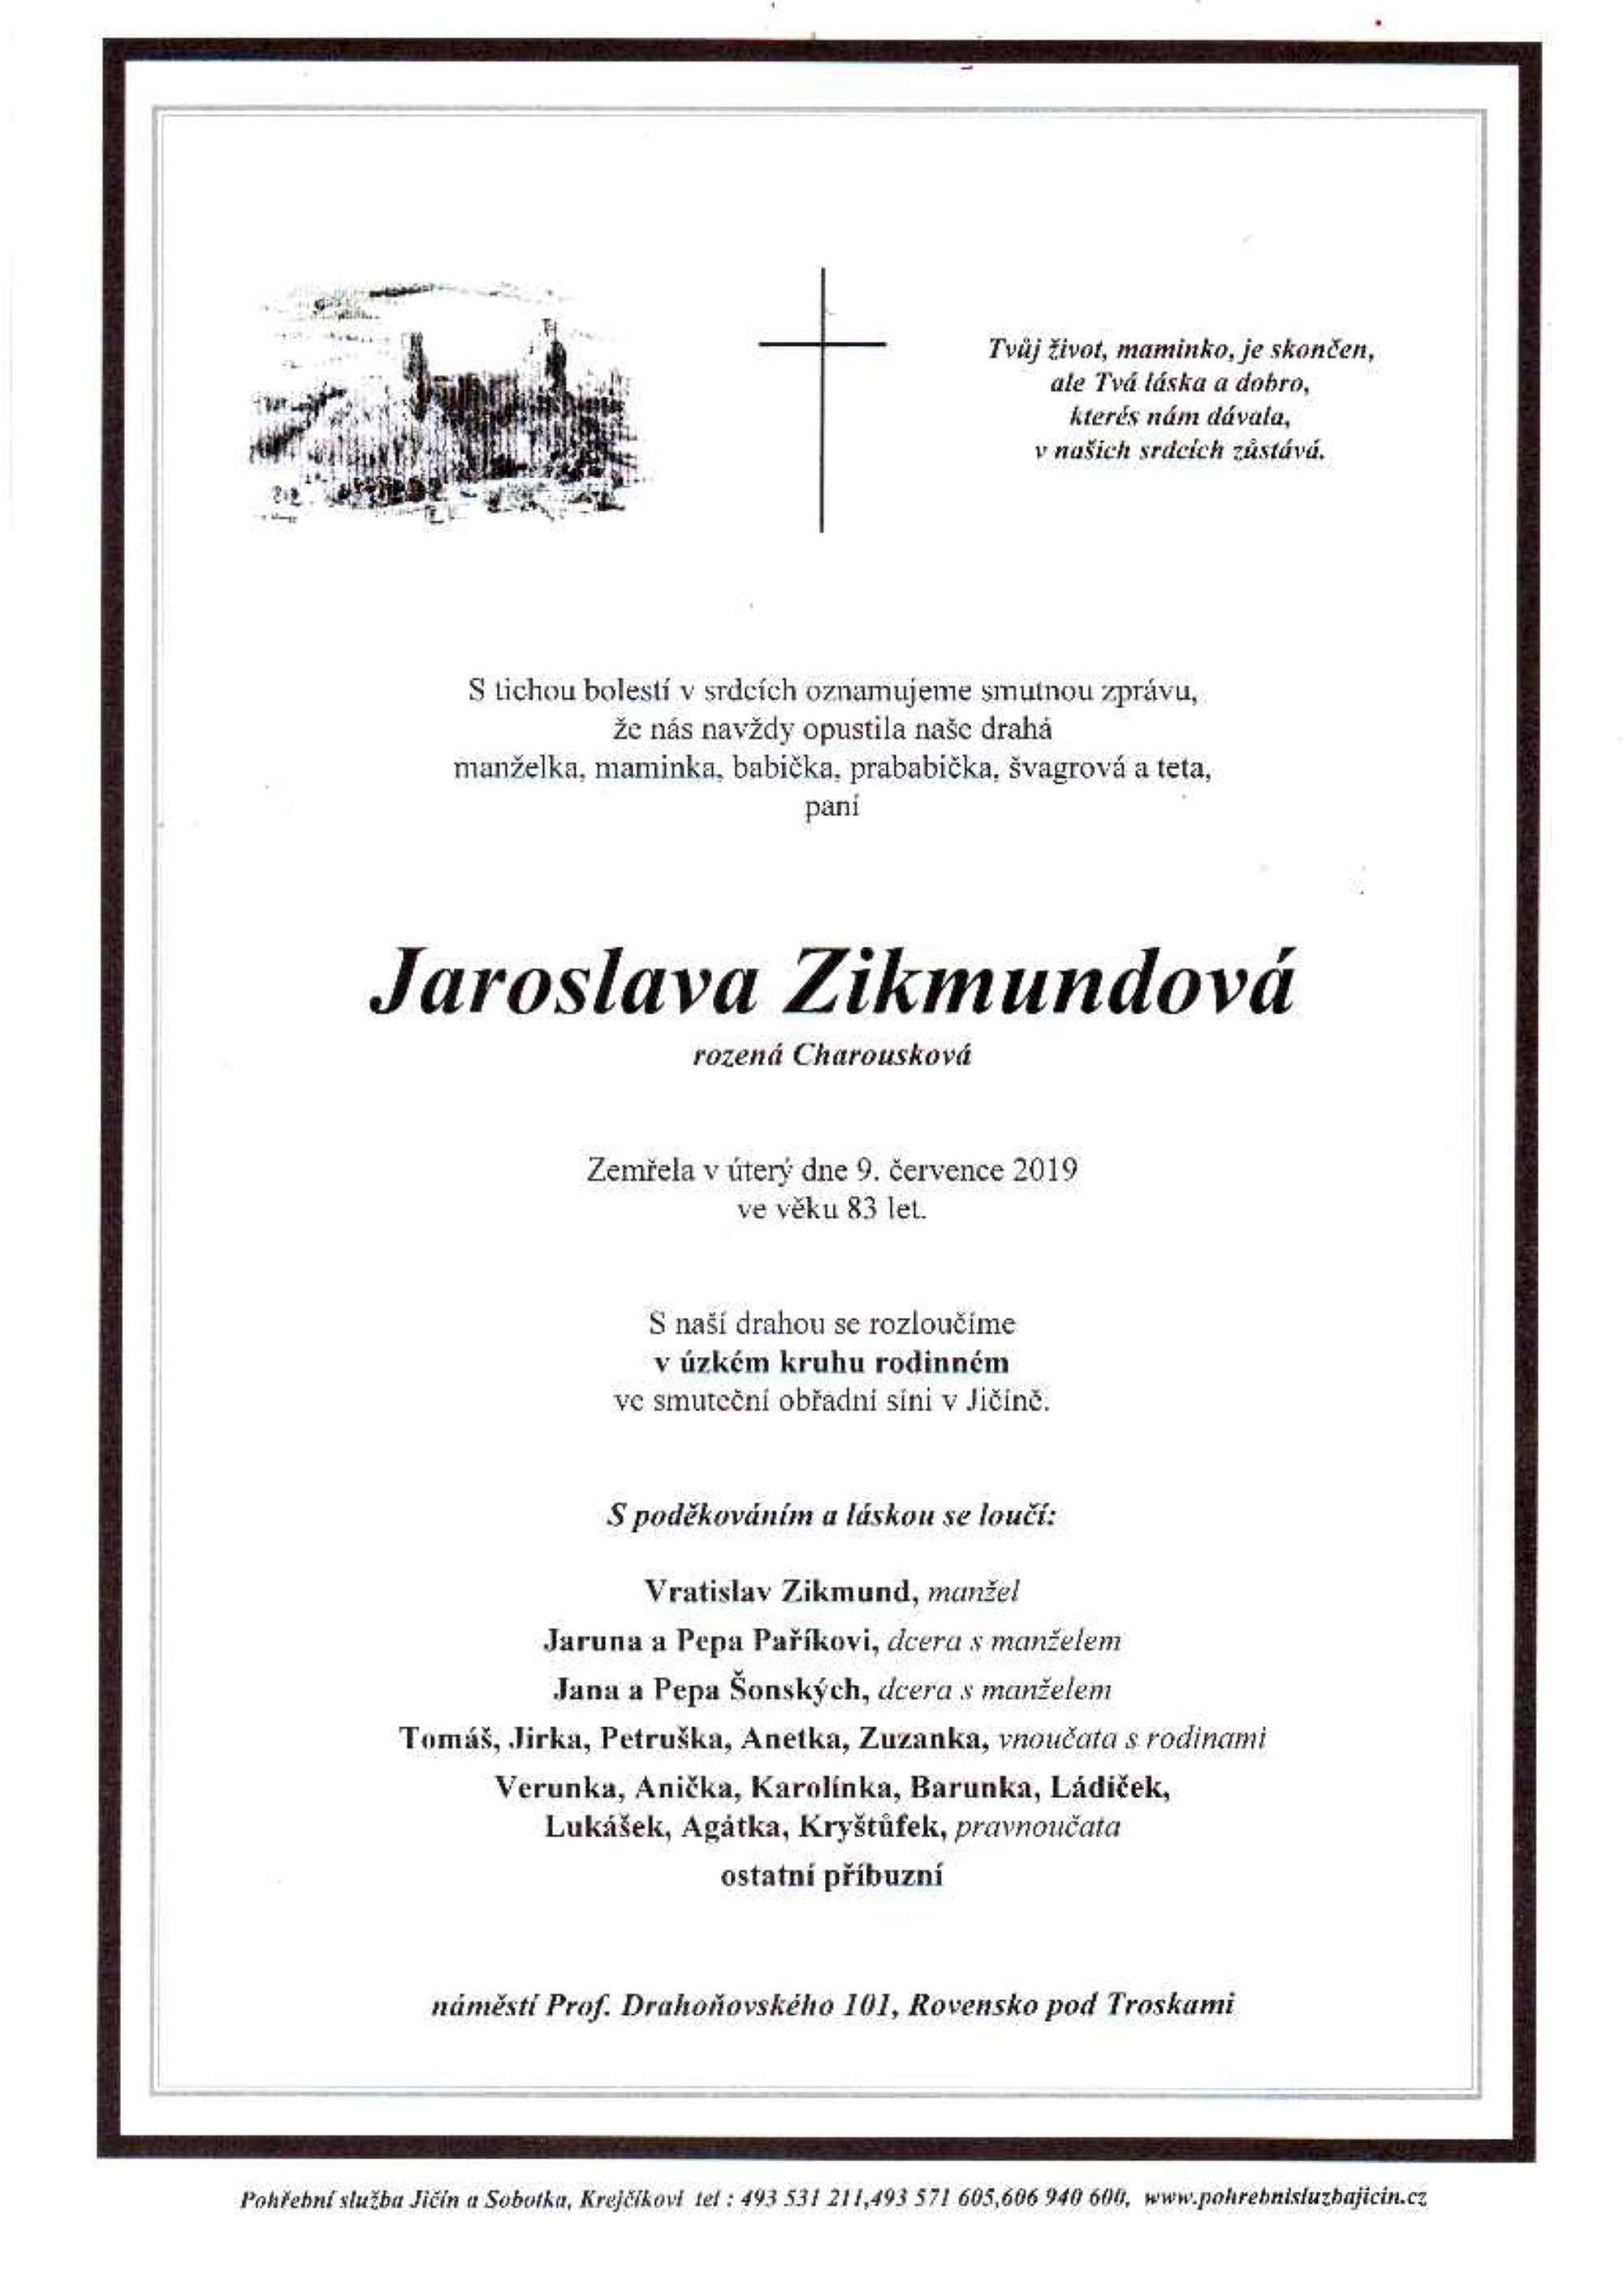 Jaroslava Zikmundová